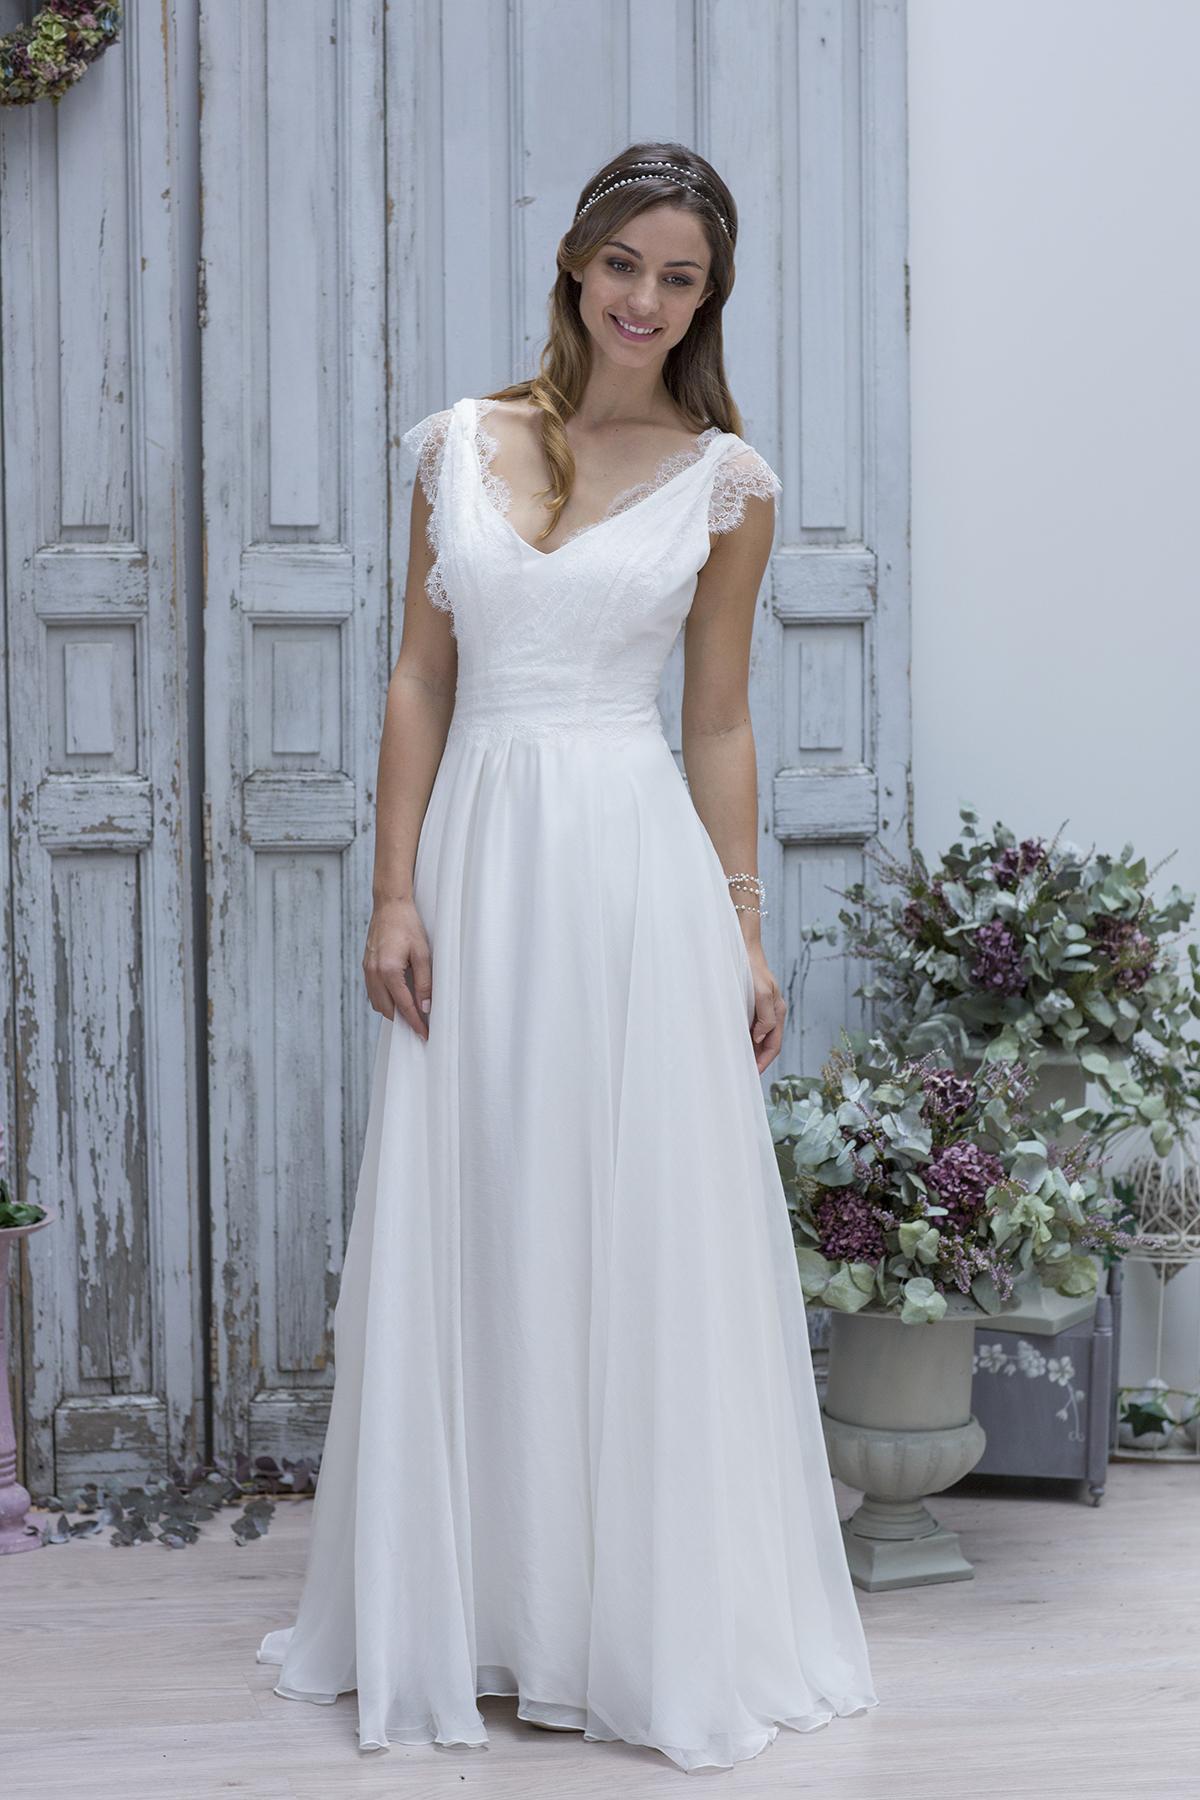 Robe de mariee lyon prix